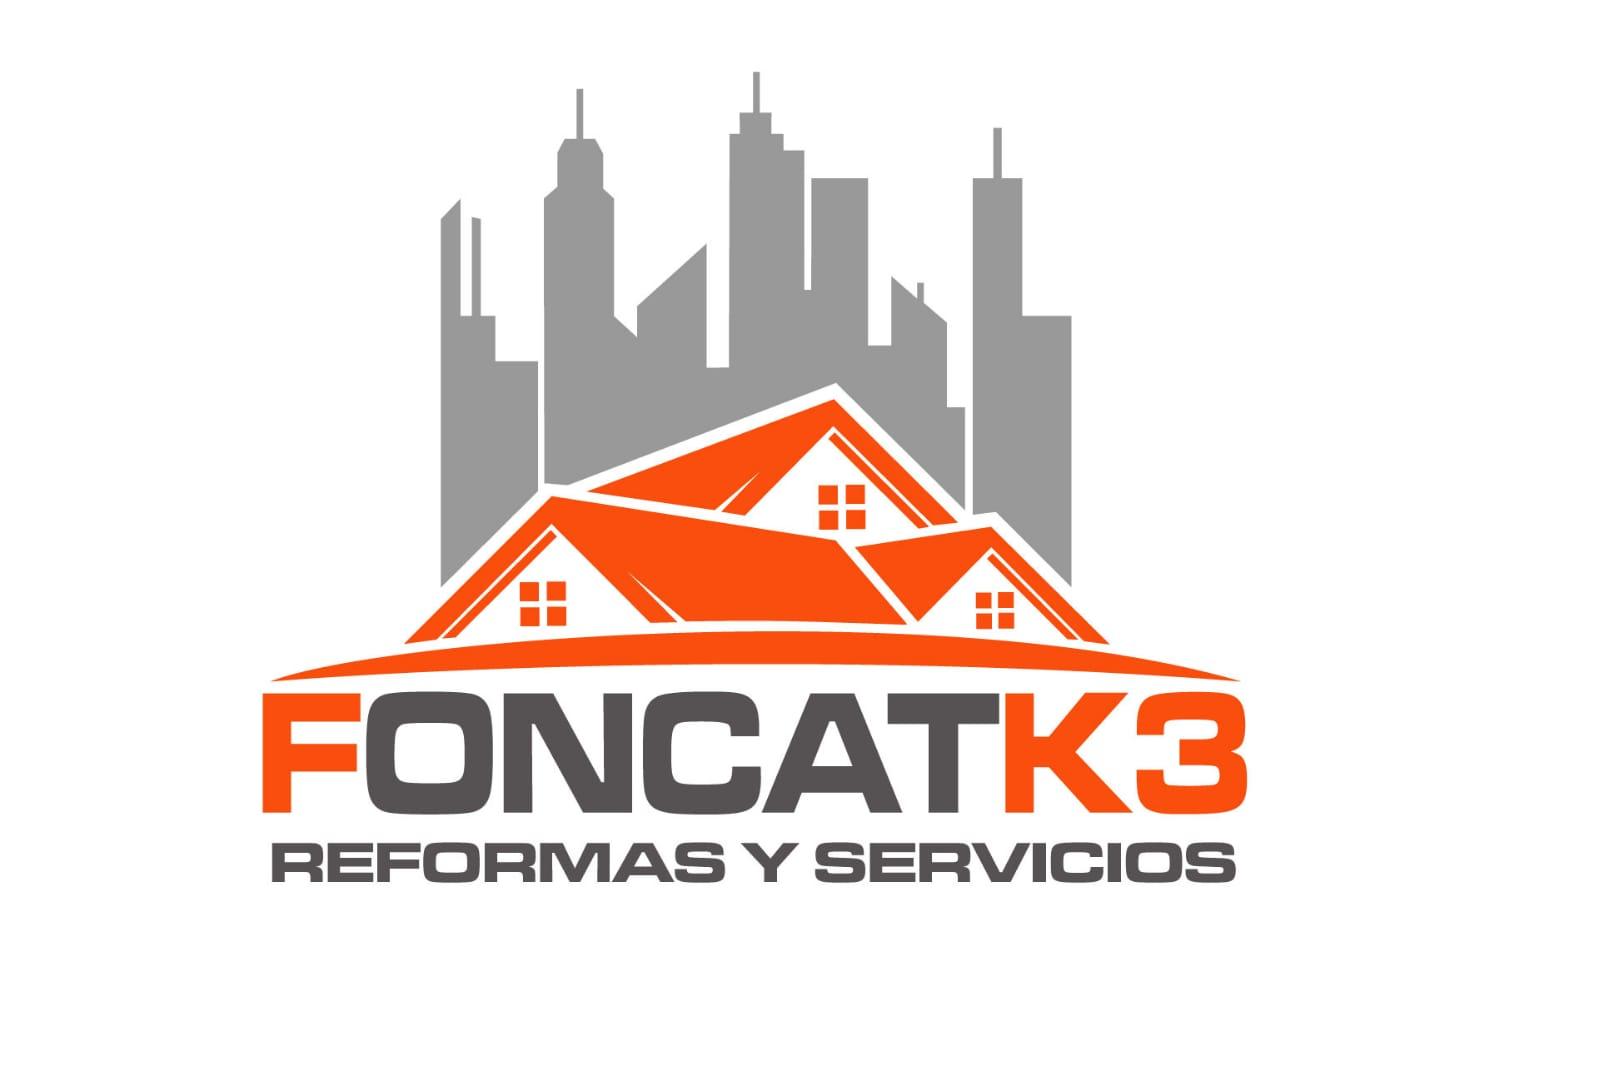 OBRAS Y SERVICIOS FONCAT K3 , S.L